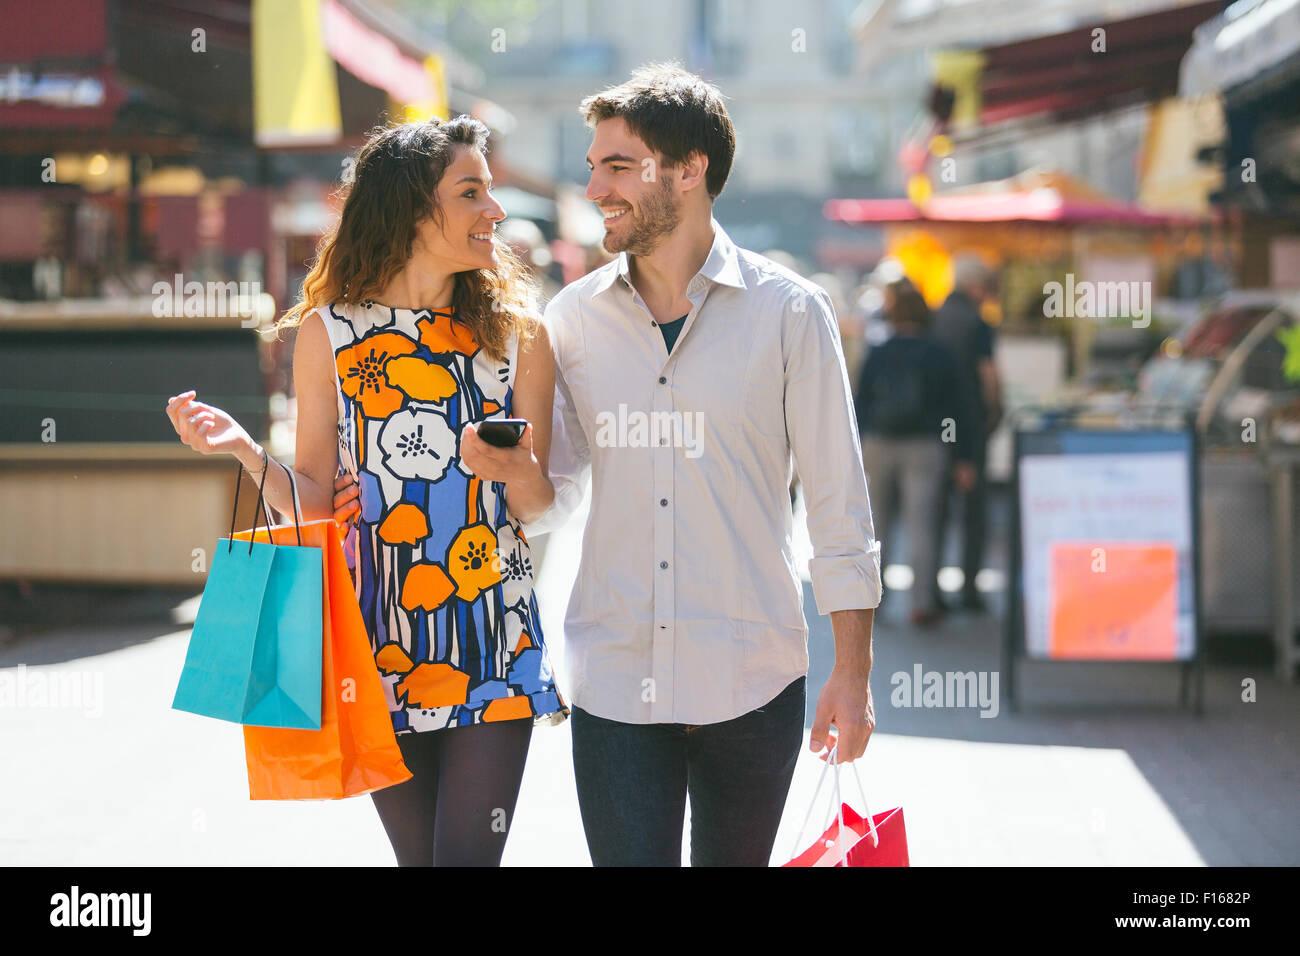 Matura per fare shopping a Parigi Immagini Stock